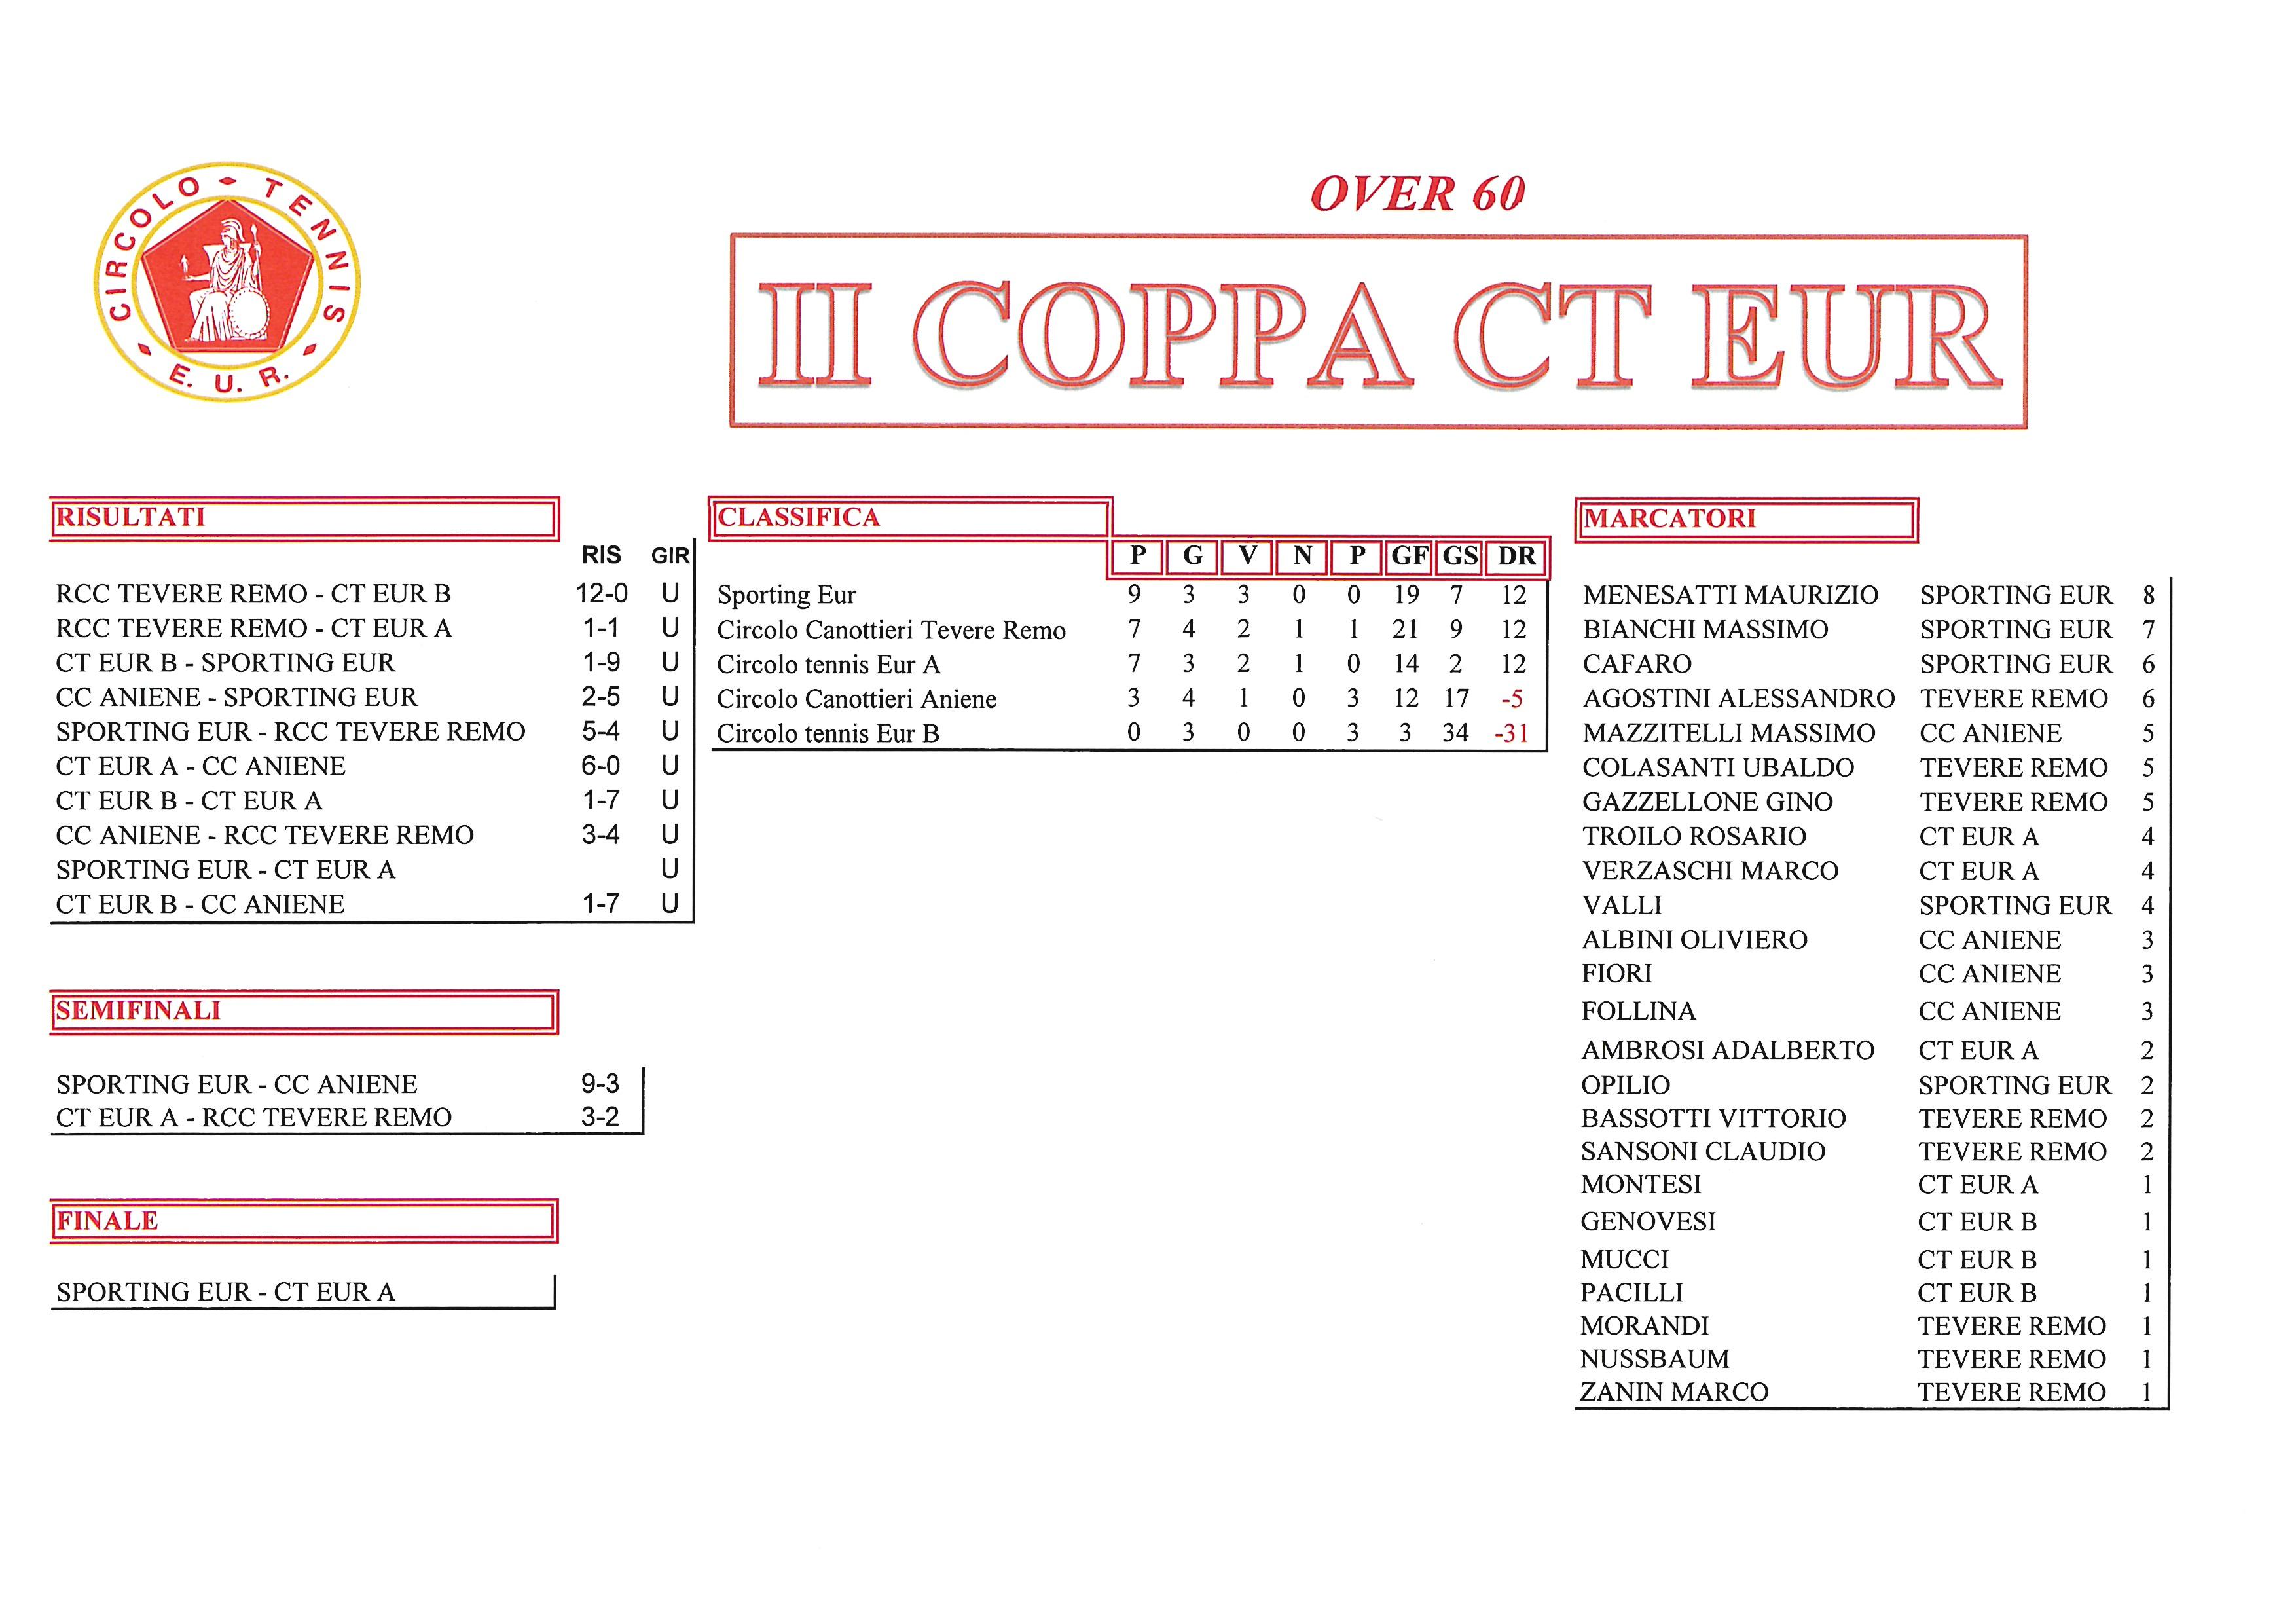 Coppa CT Eur risultati del 12 ottobre 2017 Over 60